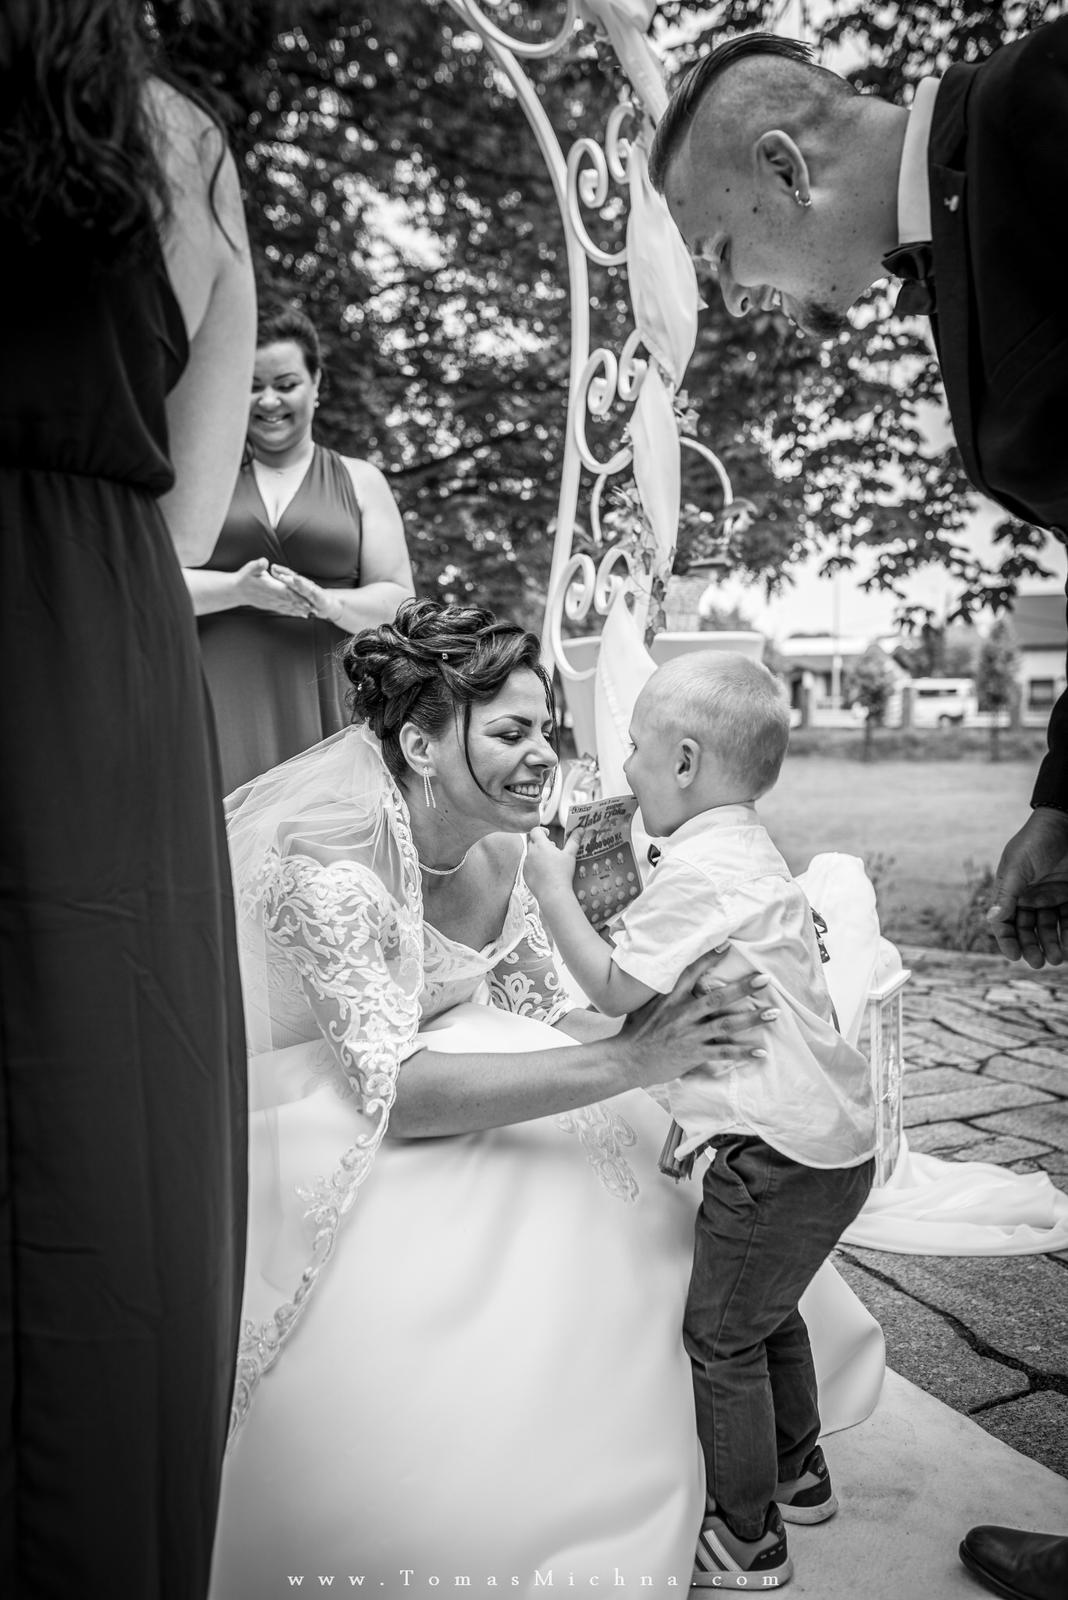 Svatba na zámku Chalupki - Obrázek č. 7